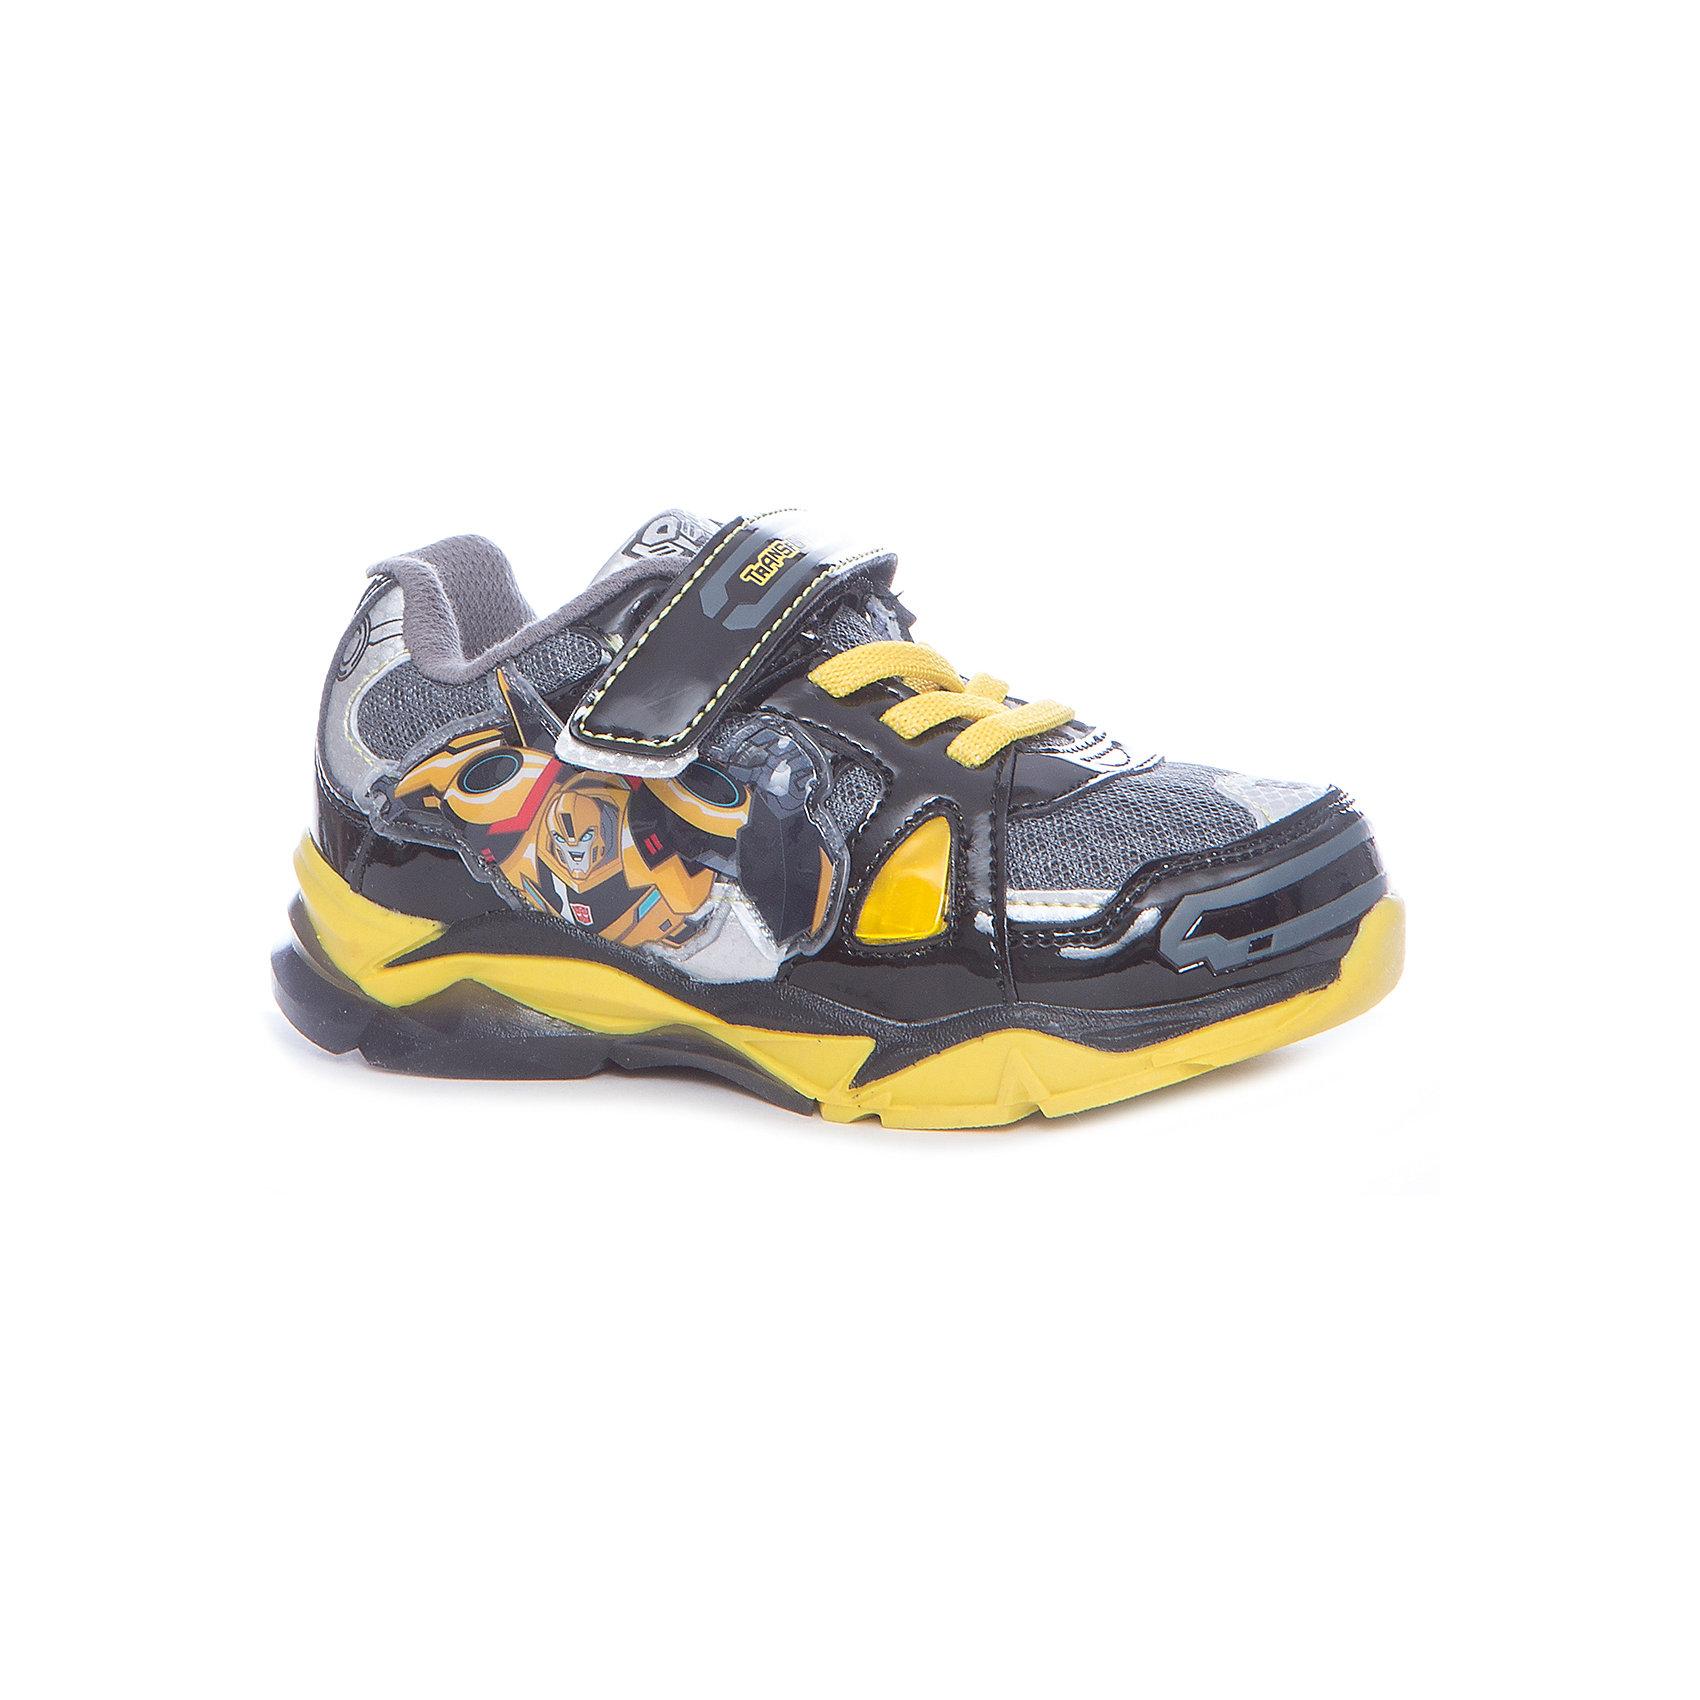 Кроссовки Transformers для мальчика Kakadu, черный, желтыйКроссовки<br>Характеристики товара:<br><br>• цвет: черный, желтый<br>• принт: Трансформеры<br>• внешний материал обуви: искуственная кожа, текстиль<br>• внутренний материал: текстиль<br>• стелька:текстиль (съемная)<br>• подошва: ТЭП<br>• вид обуви: спортивный стиль<br>• тип застежки: на липучке, на шнурках<br>• сезон: весна-осень<br>• температурный режим: от +10°до +20°С<br>• страна бренда: Россия<br>• страна изготовитель: Китай<br><br>Кроссовки для мальчиков Transformers бренда Какаду будут радовать ребенка во время прогулок. Они созданы из качественных сертифицированных материалов. <br><br>Подкладка из натурального хлопка обеспечивает воздухообмен и комфортный микроклимат вне зависимости от погоды. Подошва из термопластичной резины кроме хорошей амортизации обладает влагоотталкивающими свойствами.<br><br>Кроссовки для мальчика KAKADU можно купить в нашем интернет-магазине.<br><br>Ширина мм: 262<br>Глубина мм: 176<br>Высота мм: 97<br>Вес г: 427<br>Цвет: черный<br>Возраст от месяцев: 24<br>Возраст до месяцев: 36<br>Пол: Мужской<br>Возраст: Детский<br>Размер: 27,28,29,30,26,31<br>SKU: 5386706